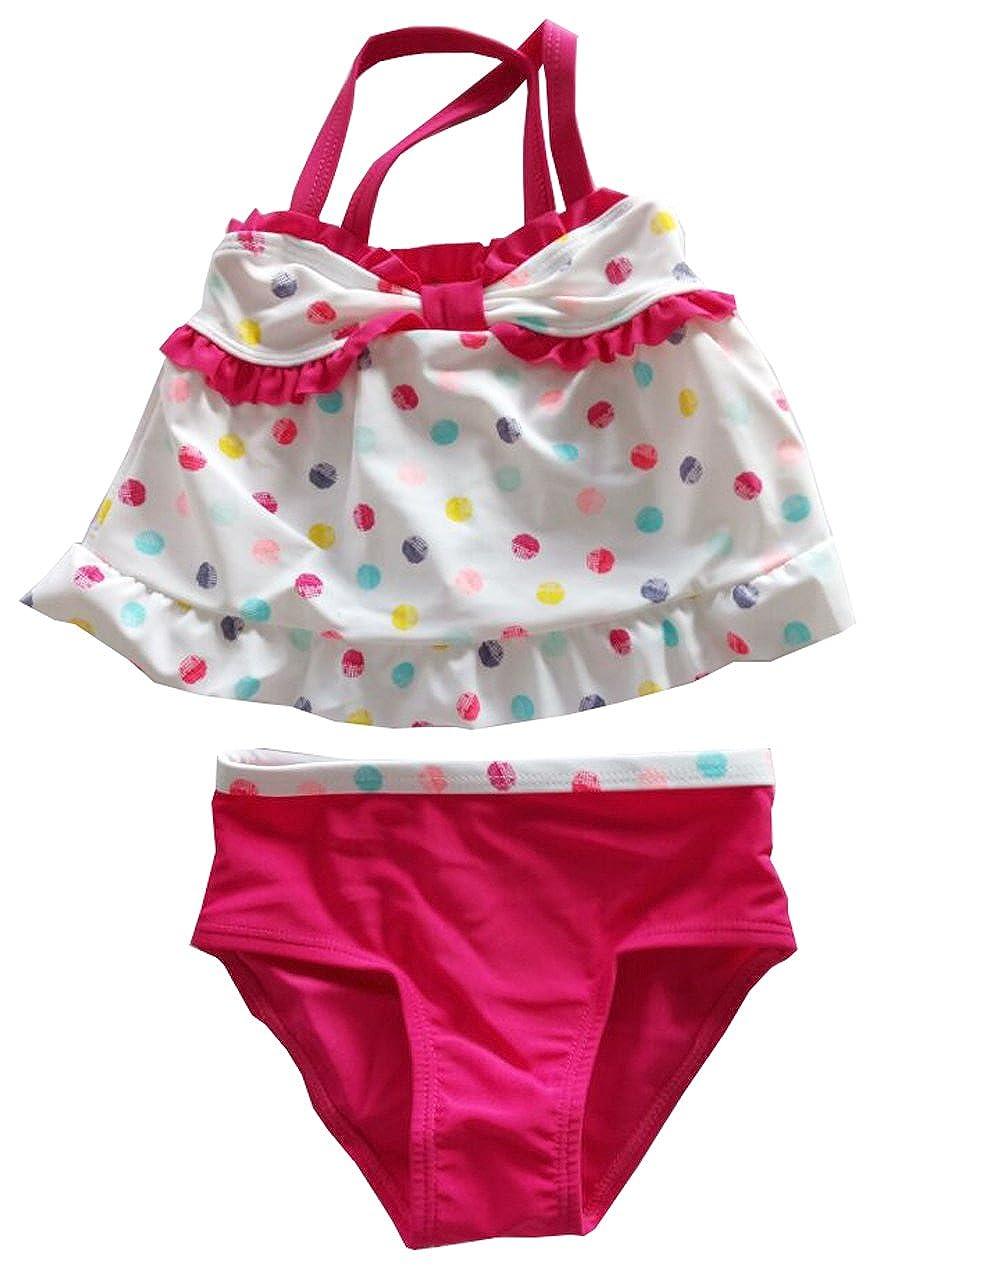 eKooBee Baby Little Girls Swimwear Two Piece Swimsuits Lemon Dot